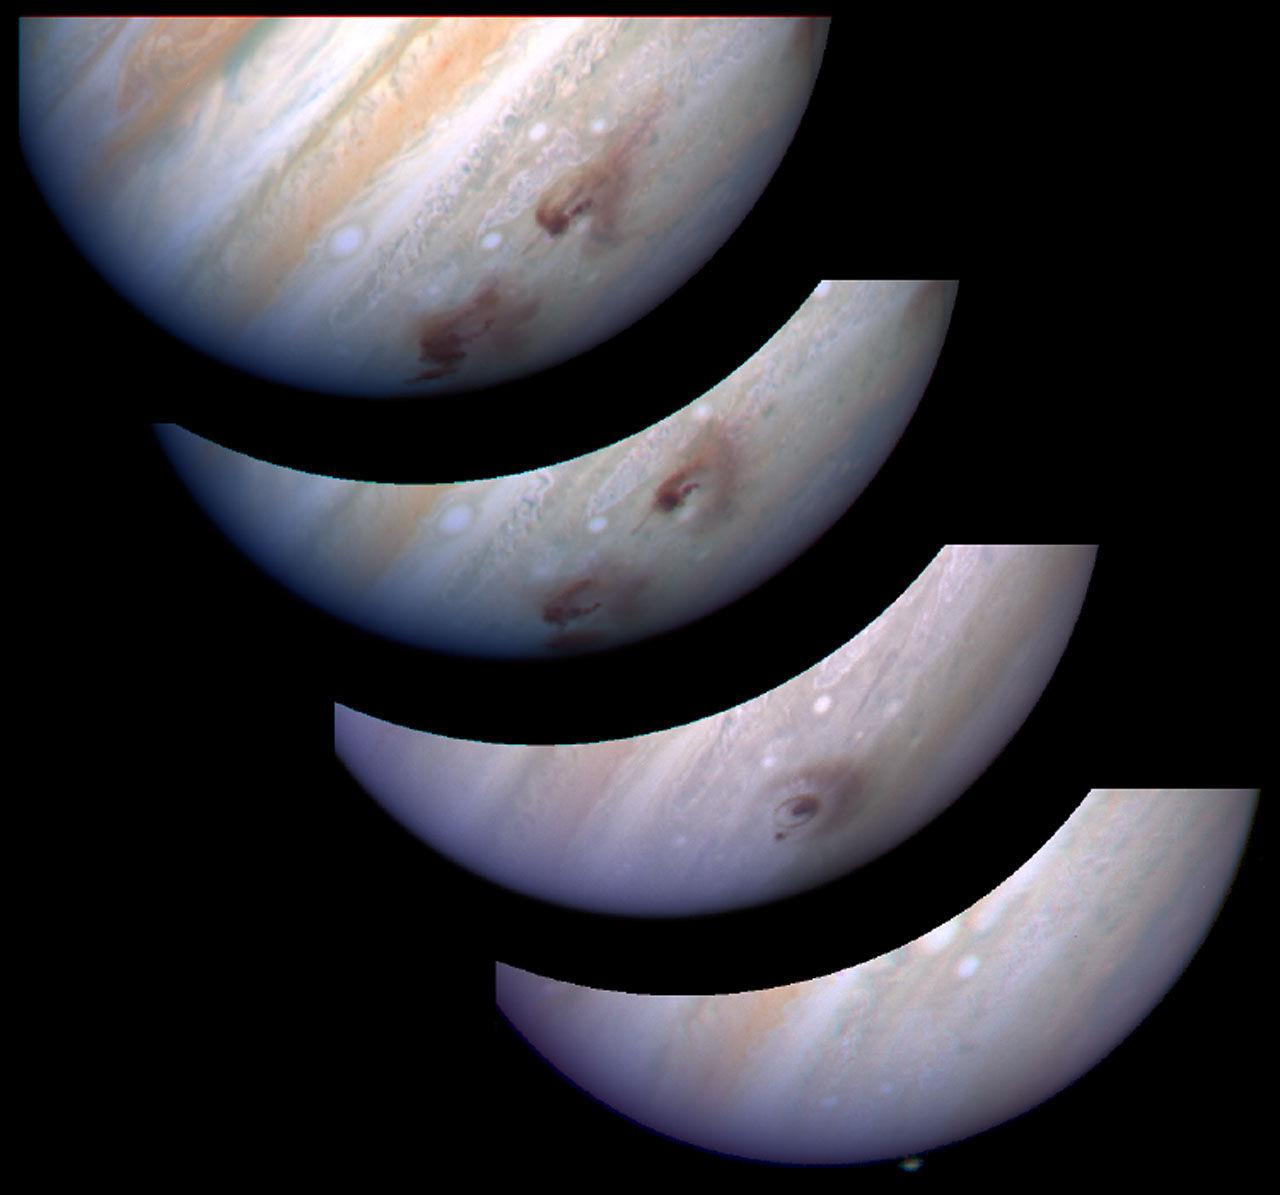 Двадцать лет назад произошло столкновение Юпитера с кометой Shoemaker-Levy 9